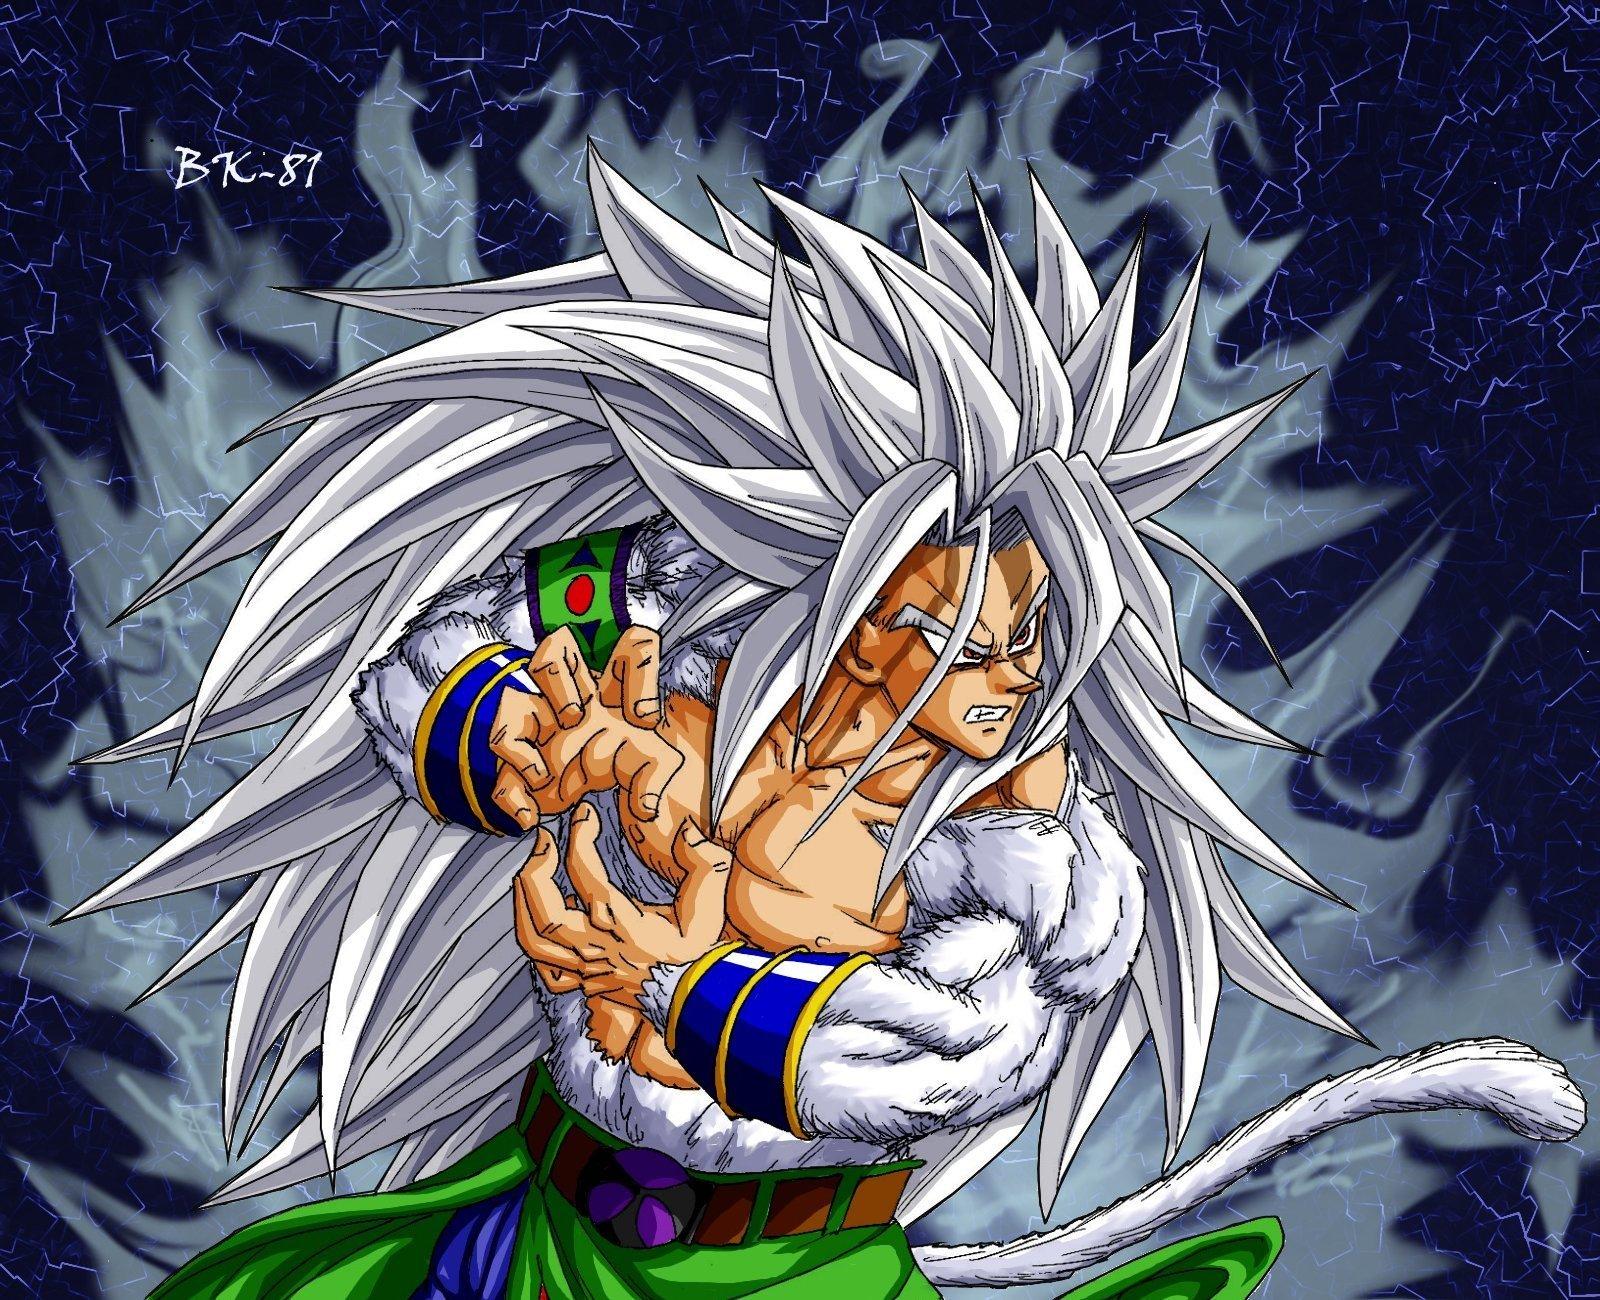 Goku Saiyan 5 Dragonball AF   Background and Wallpapers 1600x1300